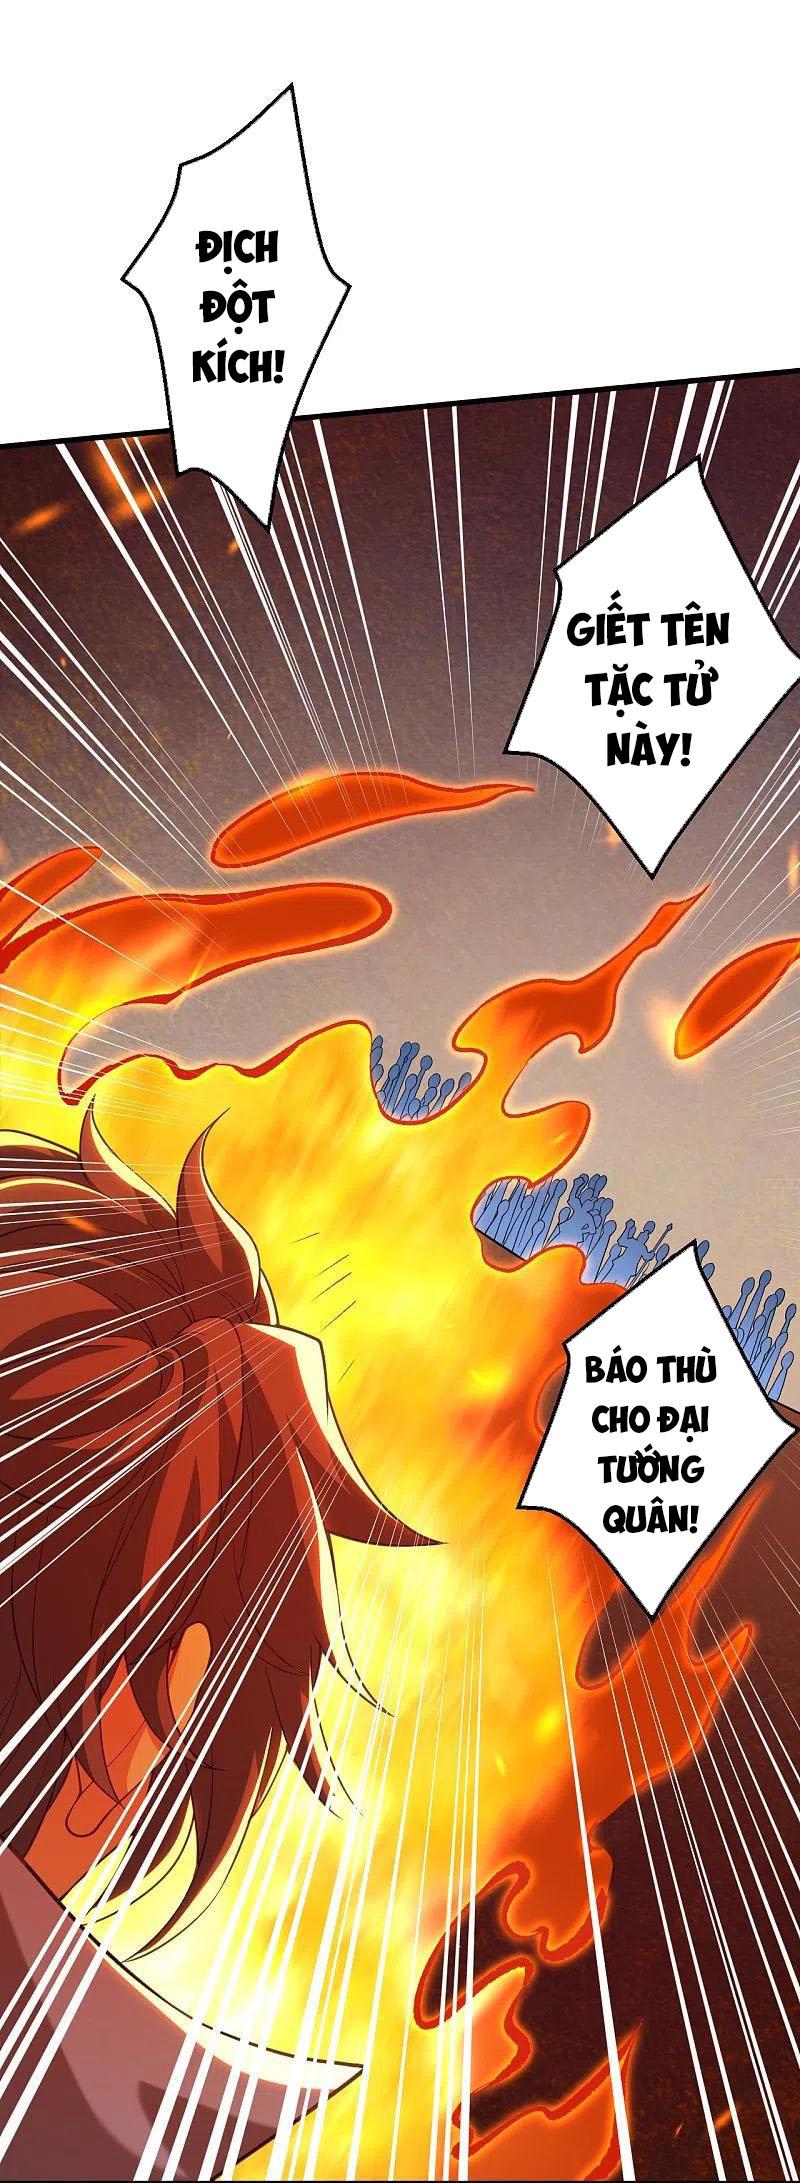 Nghịch Thiên Tà Thần Chương 395 - Vcomic.net